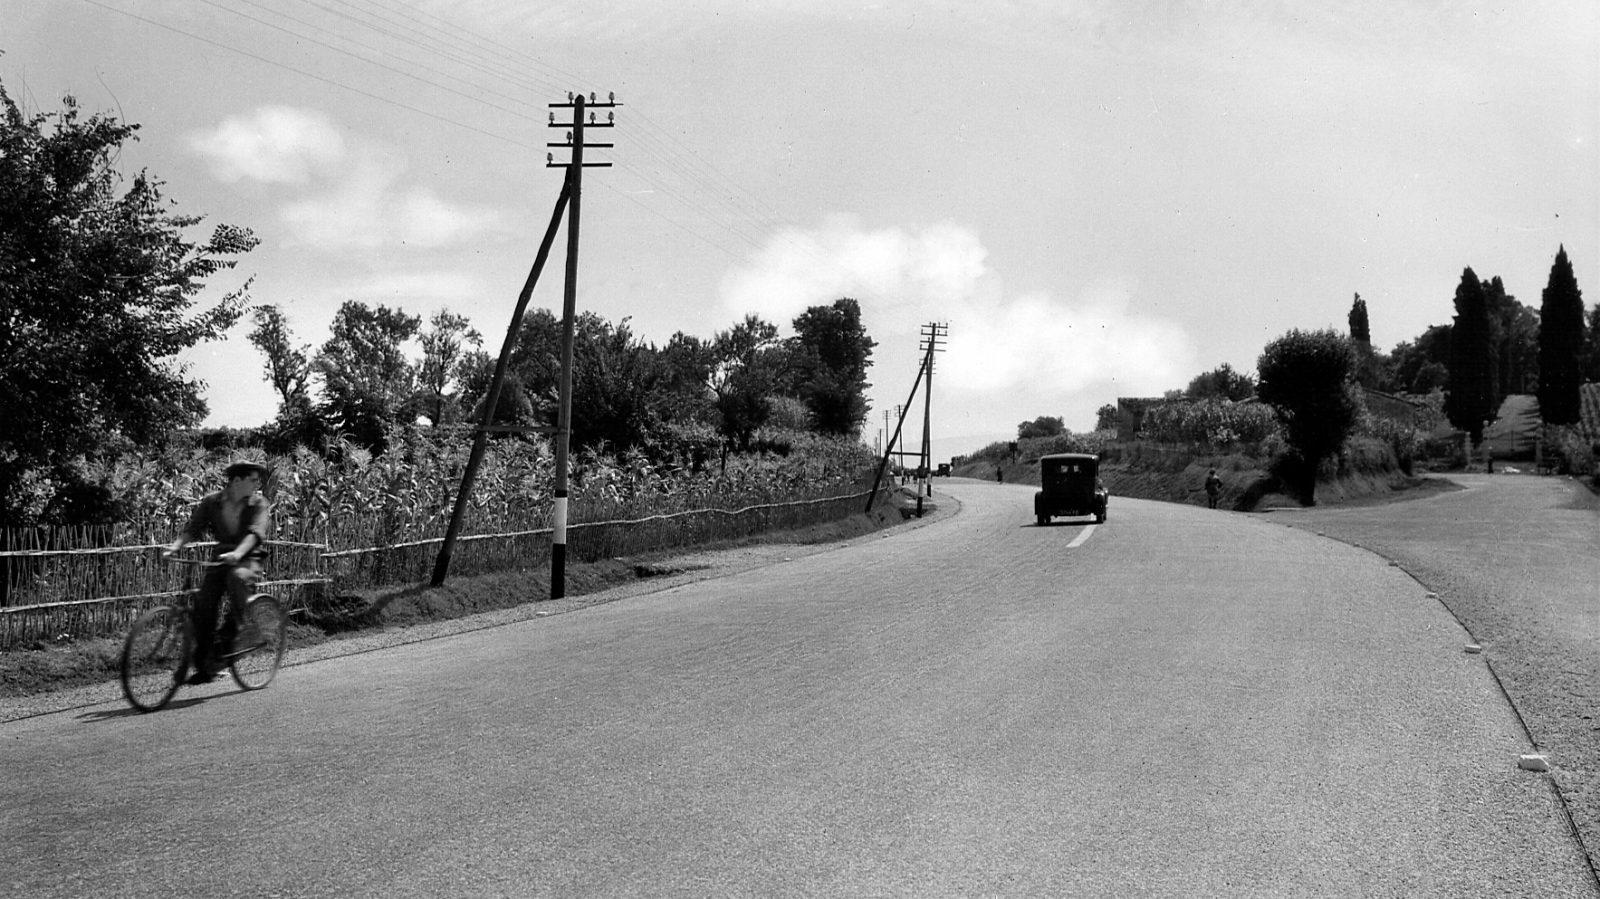 Emilia Romagna, strada statale 9 'Via Emilia' nei pressi di Forlì, 1933 (Archivio storico Anas)